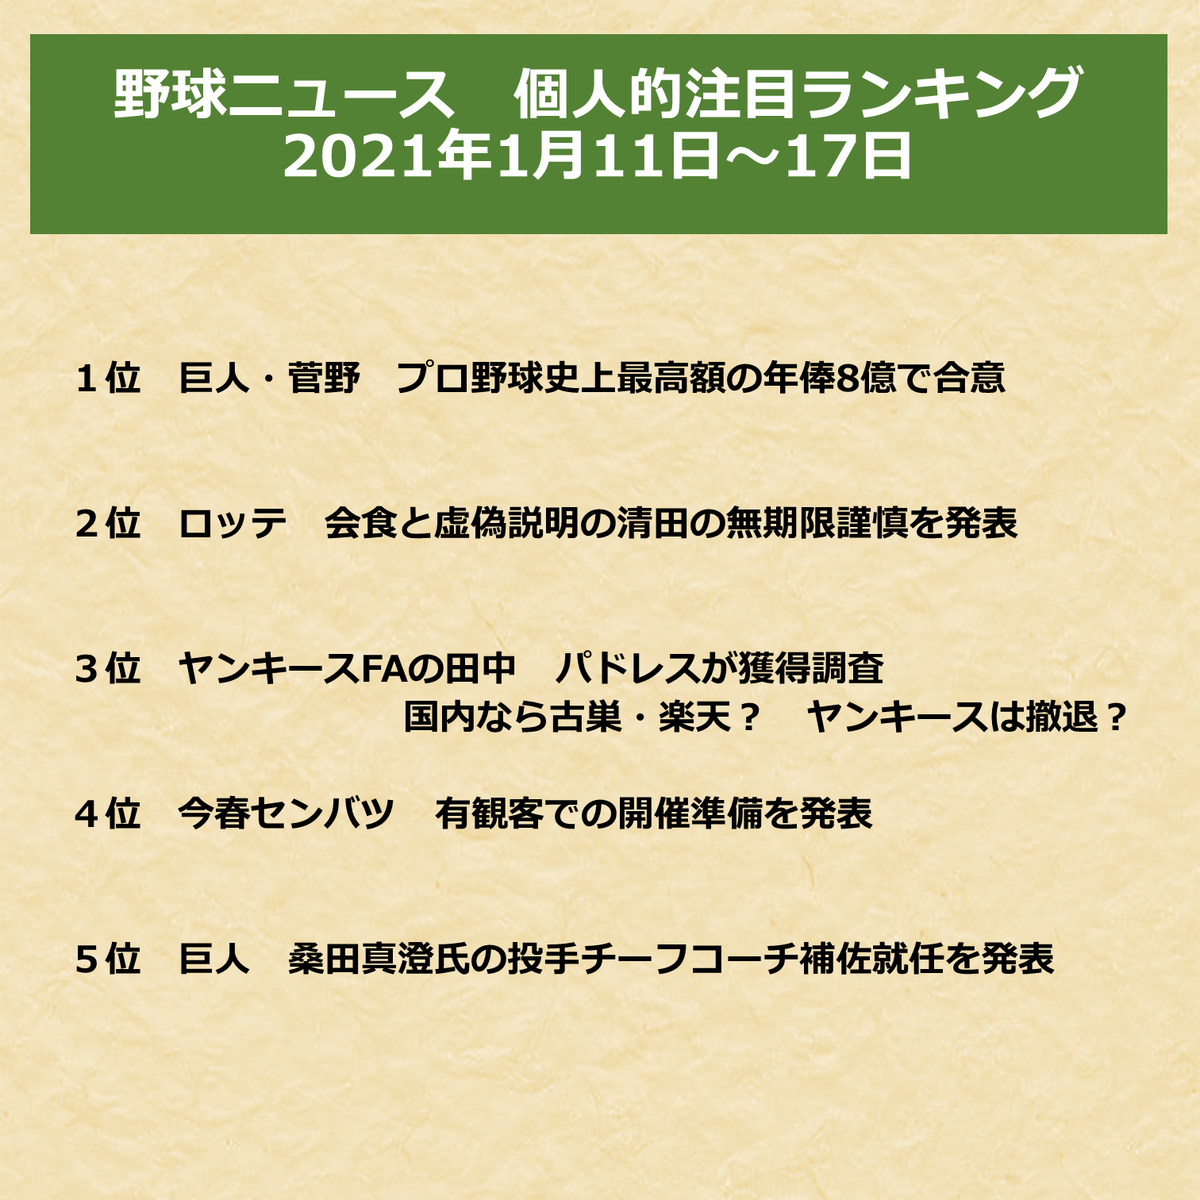 最高 プロ 年俸 野球 日本プロ野球「歴代高額年俸」ランキング!(2019年現在、現役・OB選手含む)